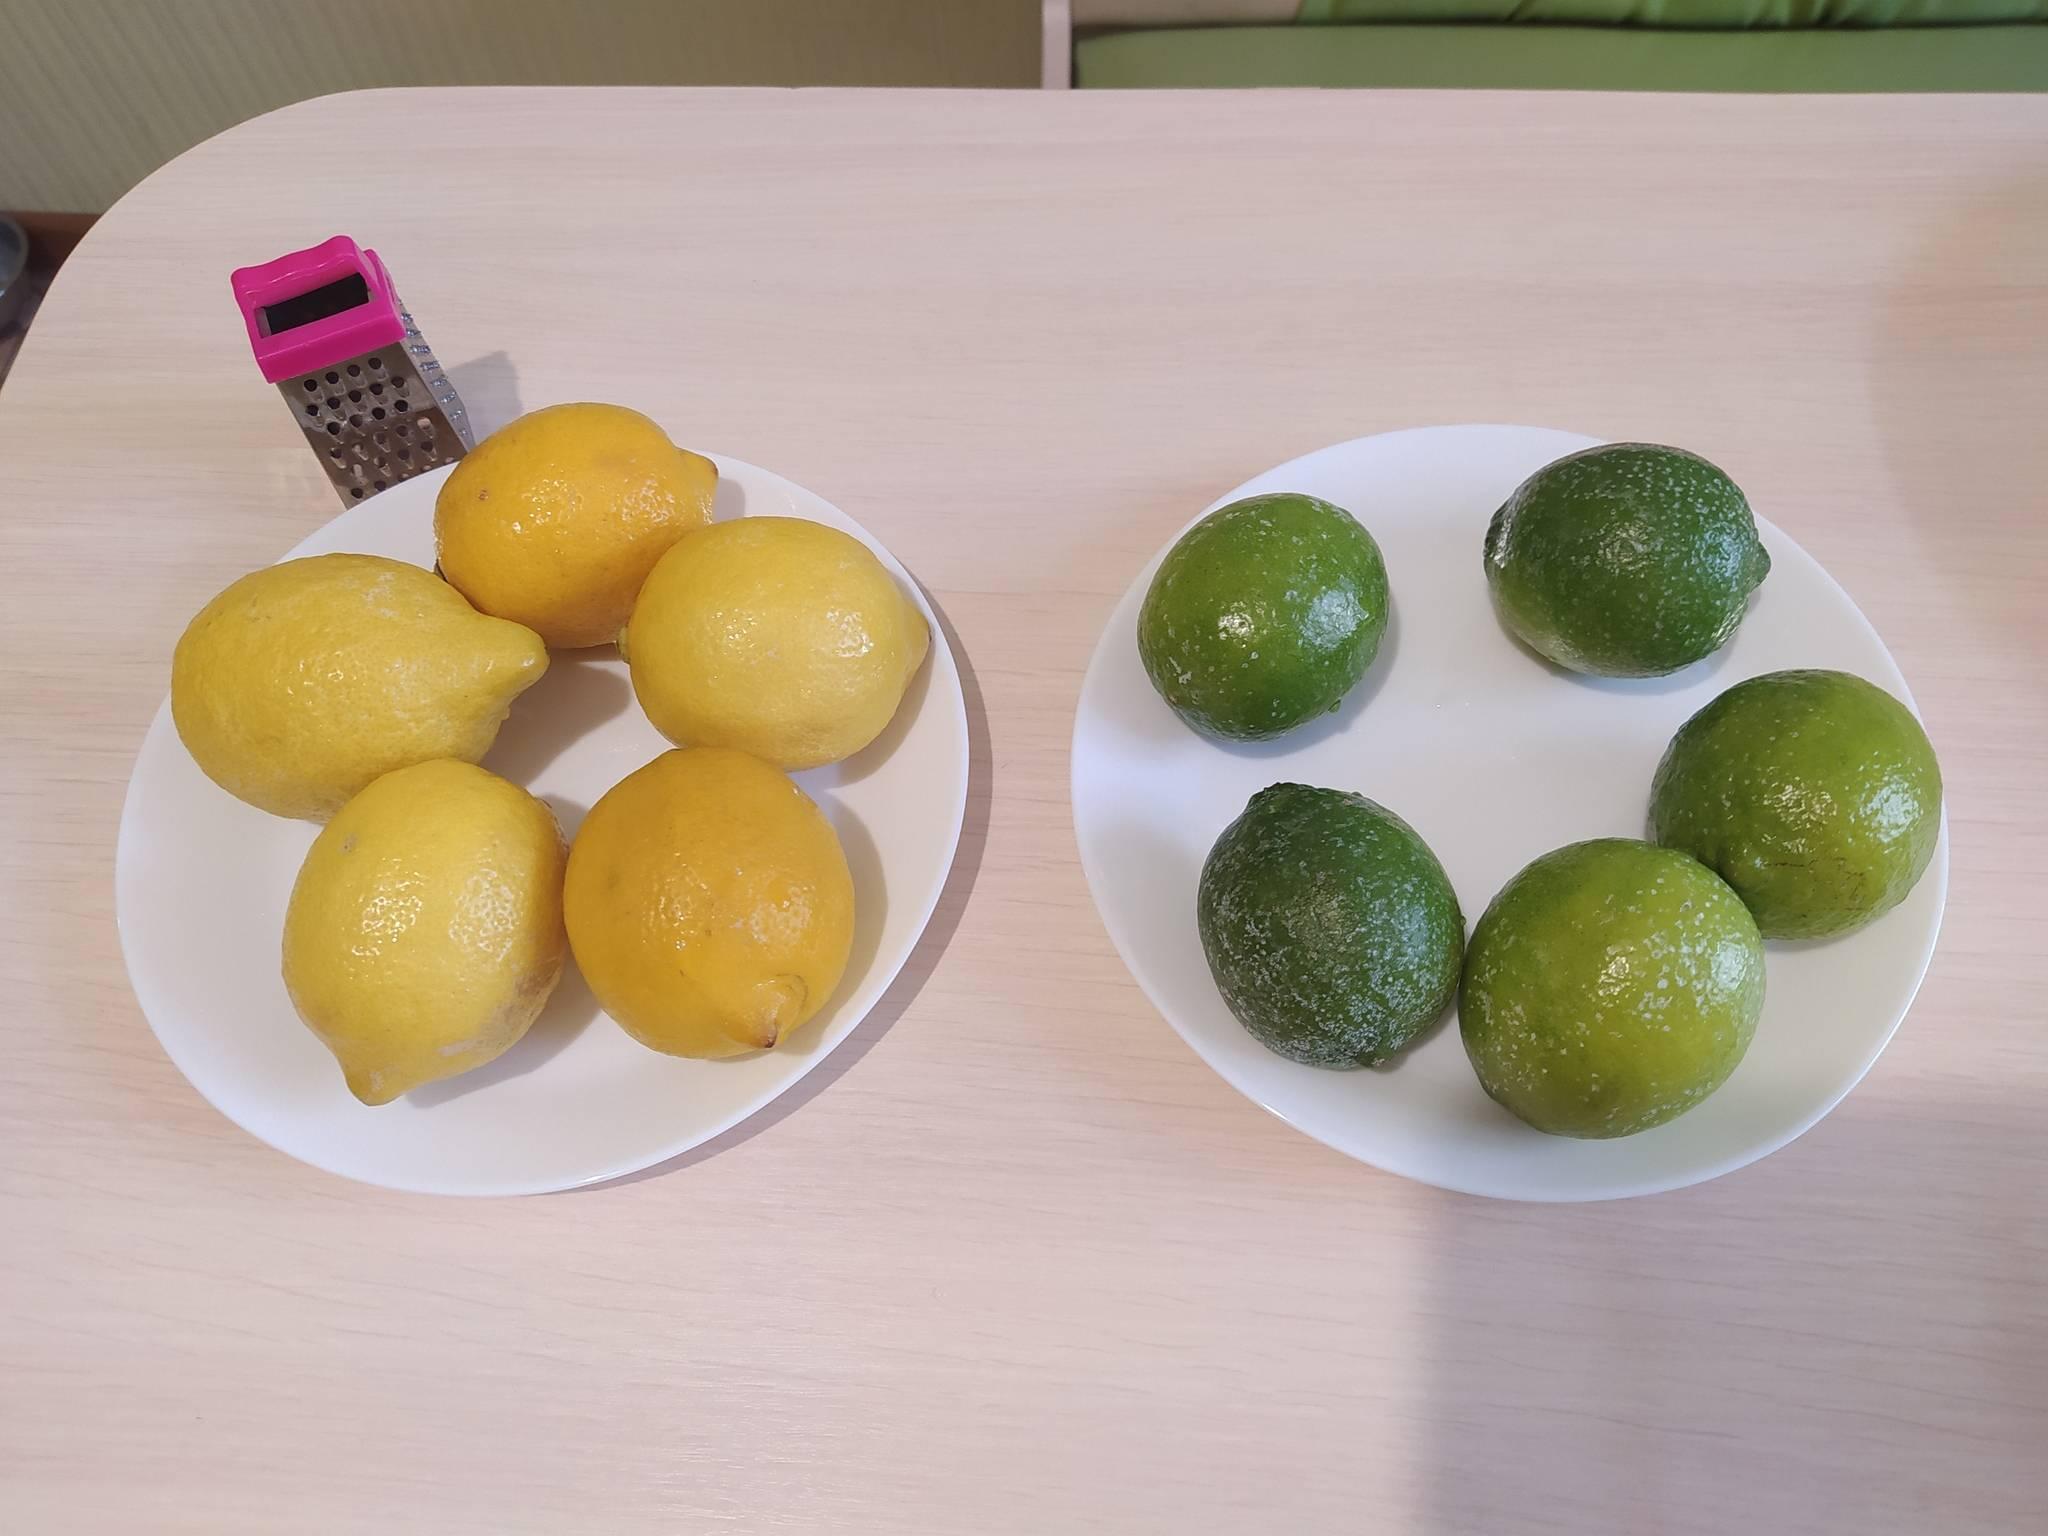 Как отличить лайм от незрелого лимона - вкусная жизнь как отличить лайм от незрелого лимона - вкусная жизнь как отличить лайм от незрелого лимона - вкусная жизнь